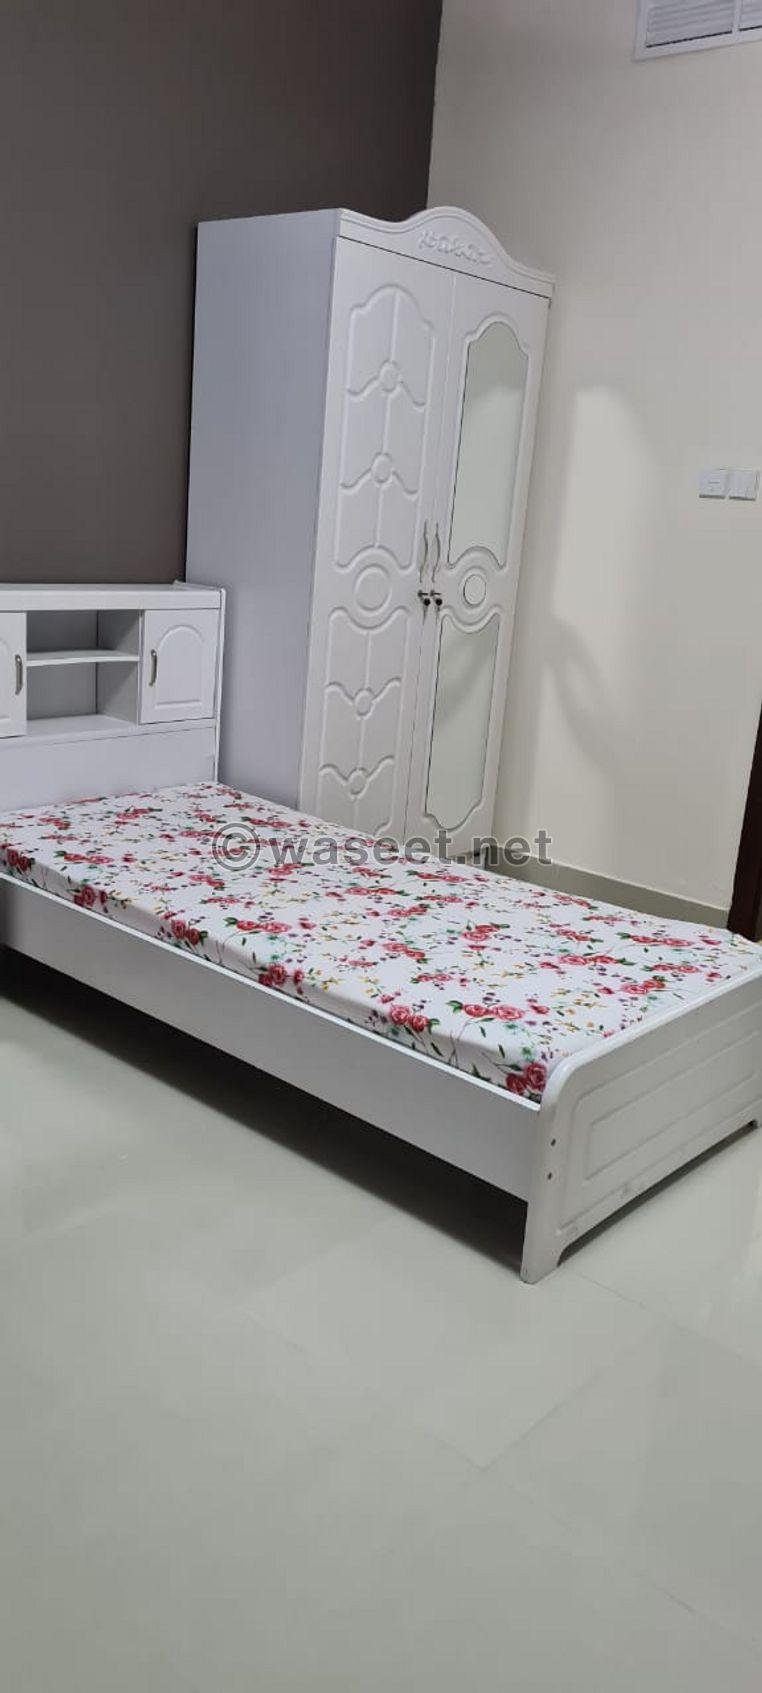 متاح سرير بسكن بنات مشترك نظيف ومميز بأبراج صحارى